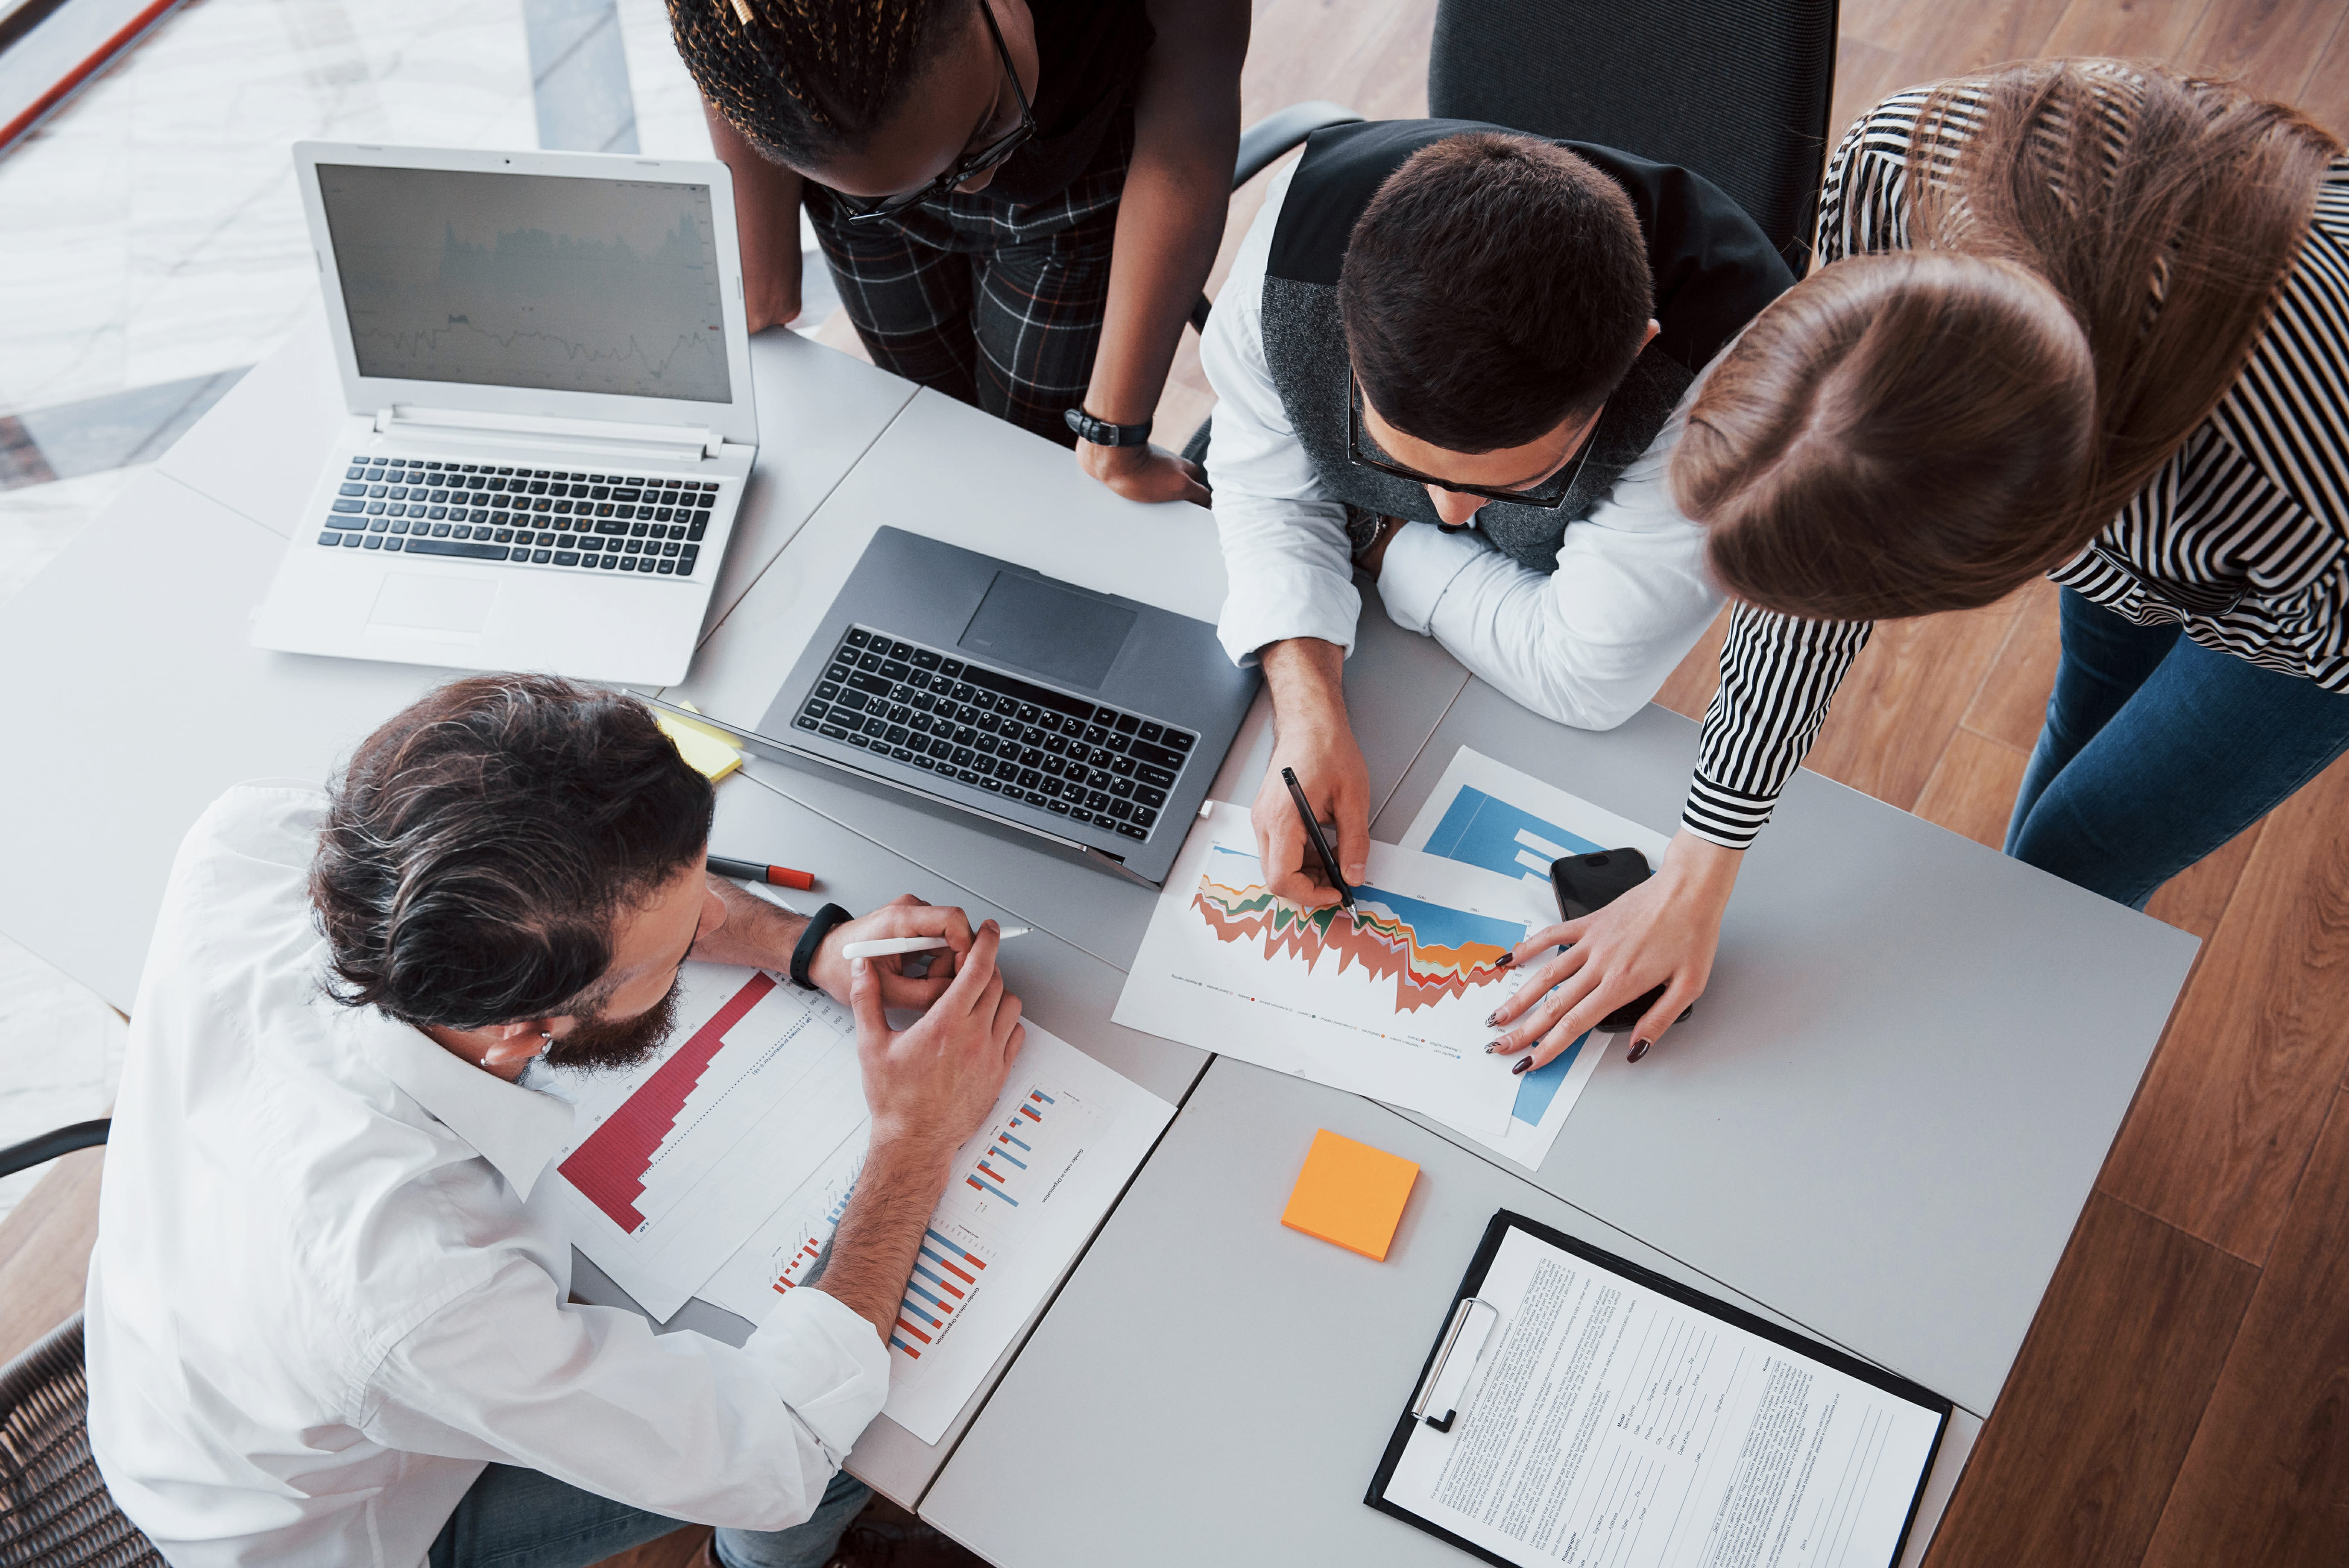 Aprendizaje virtual: ¿Cómo asegurar un buen desempeño dentro de una organización?